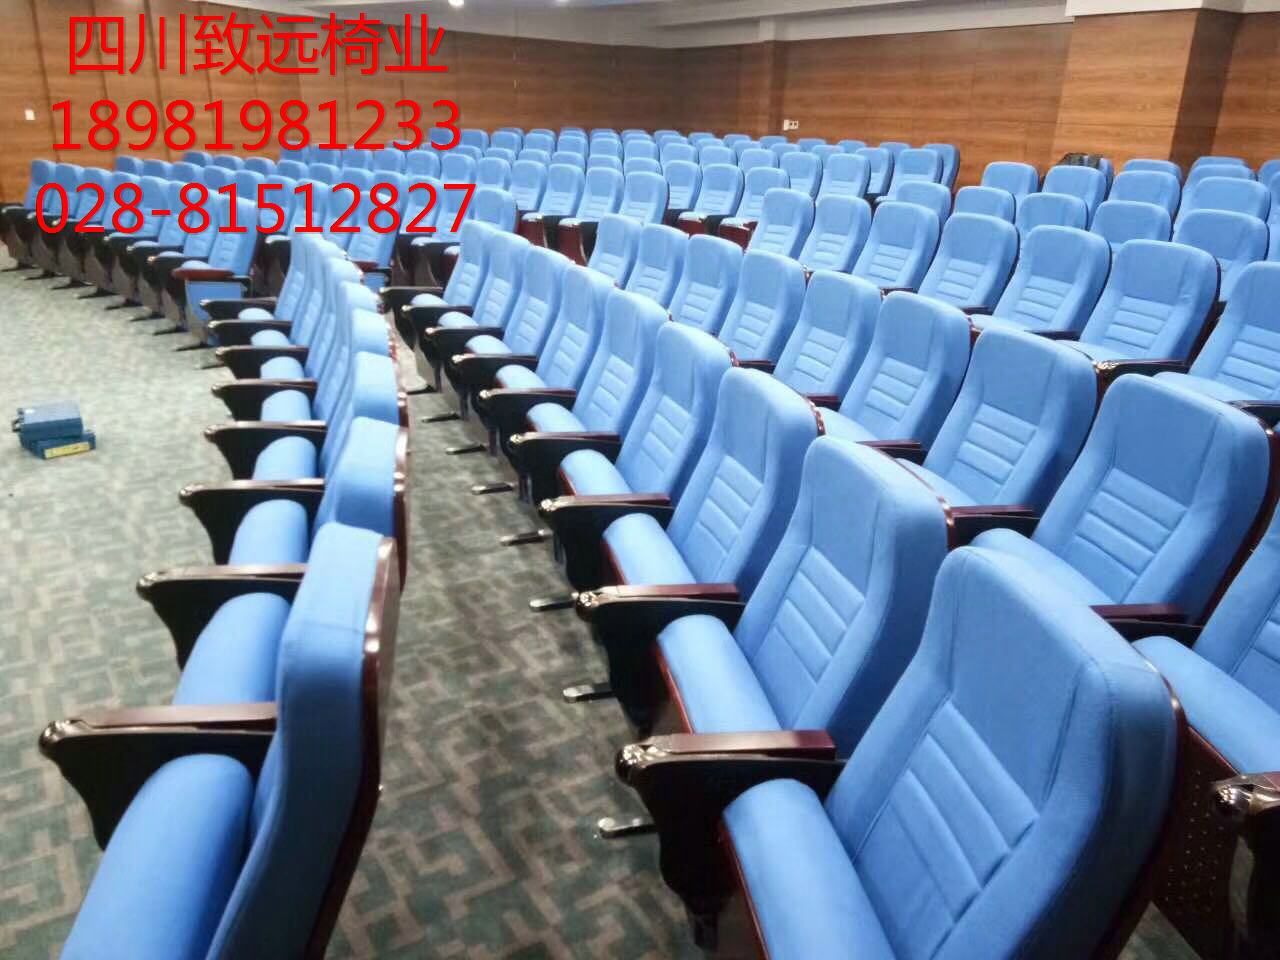 四川致远办公家具有限公司